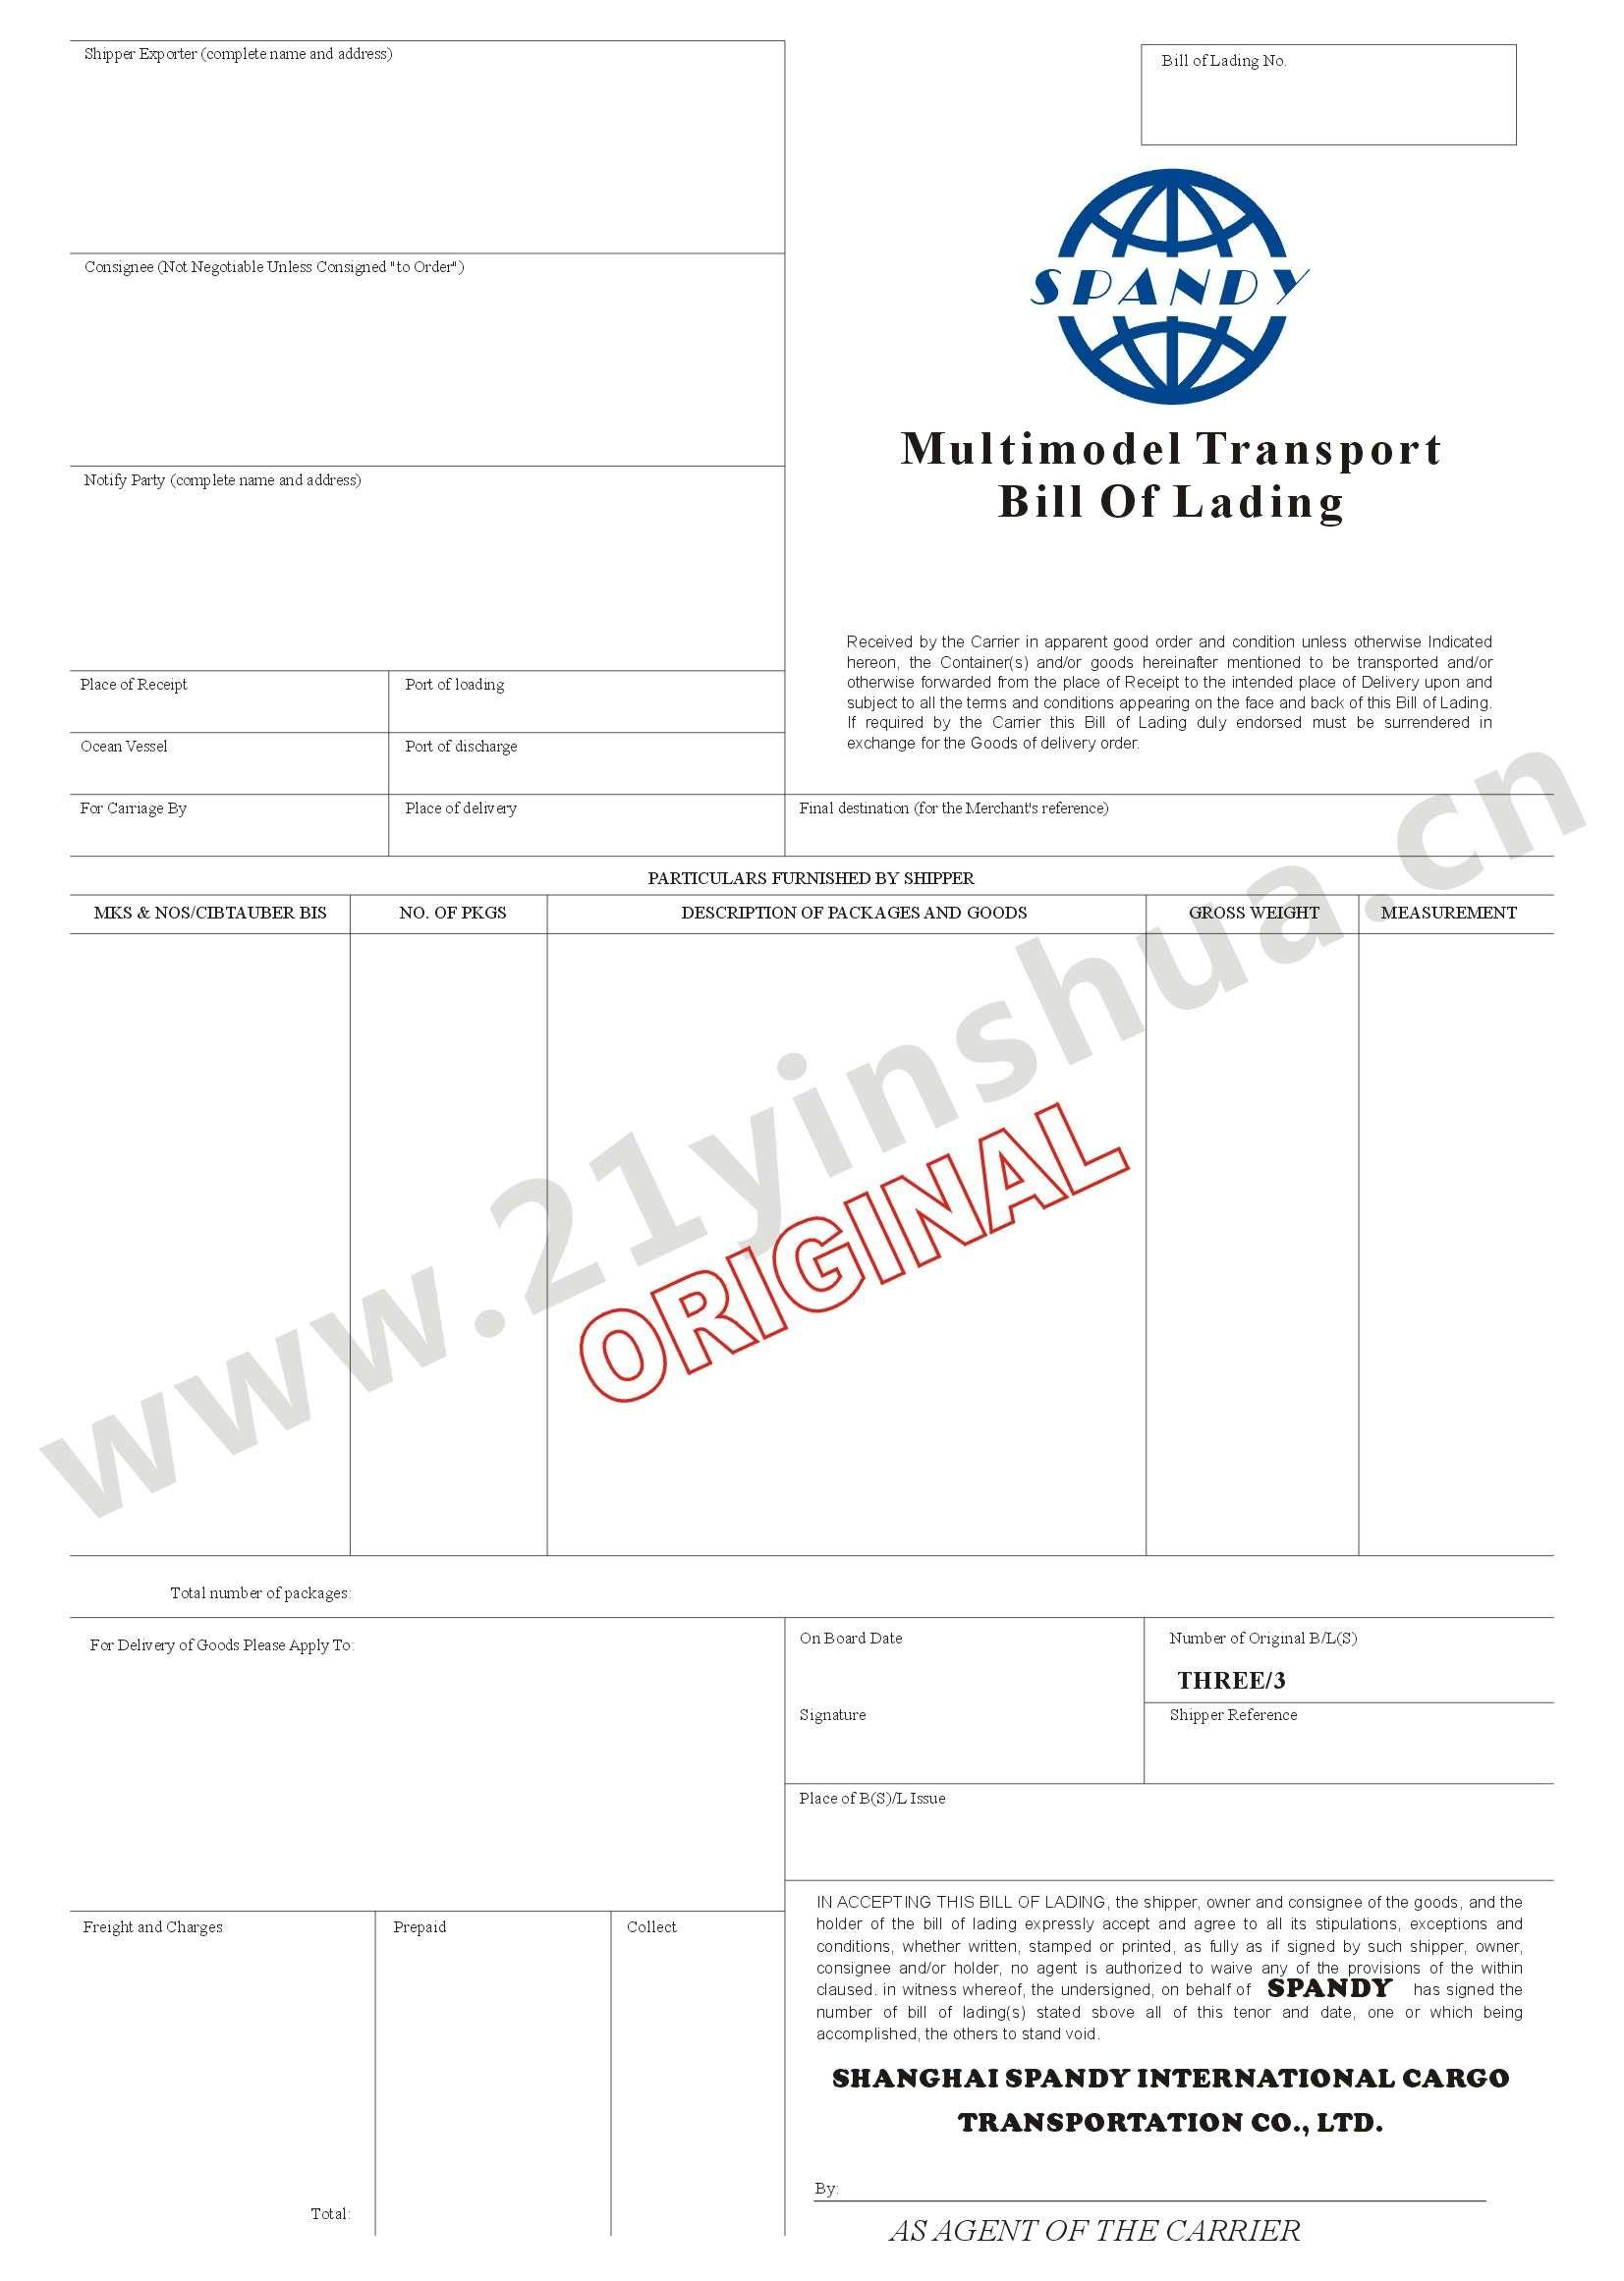 印刷定制海运提单SHANGHAI SPANDY 货代提单成功案例